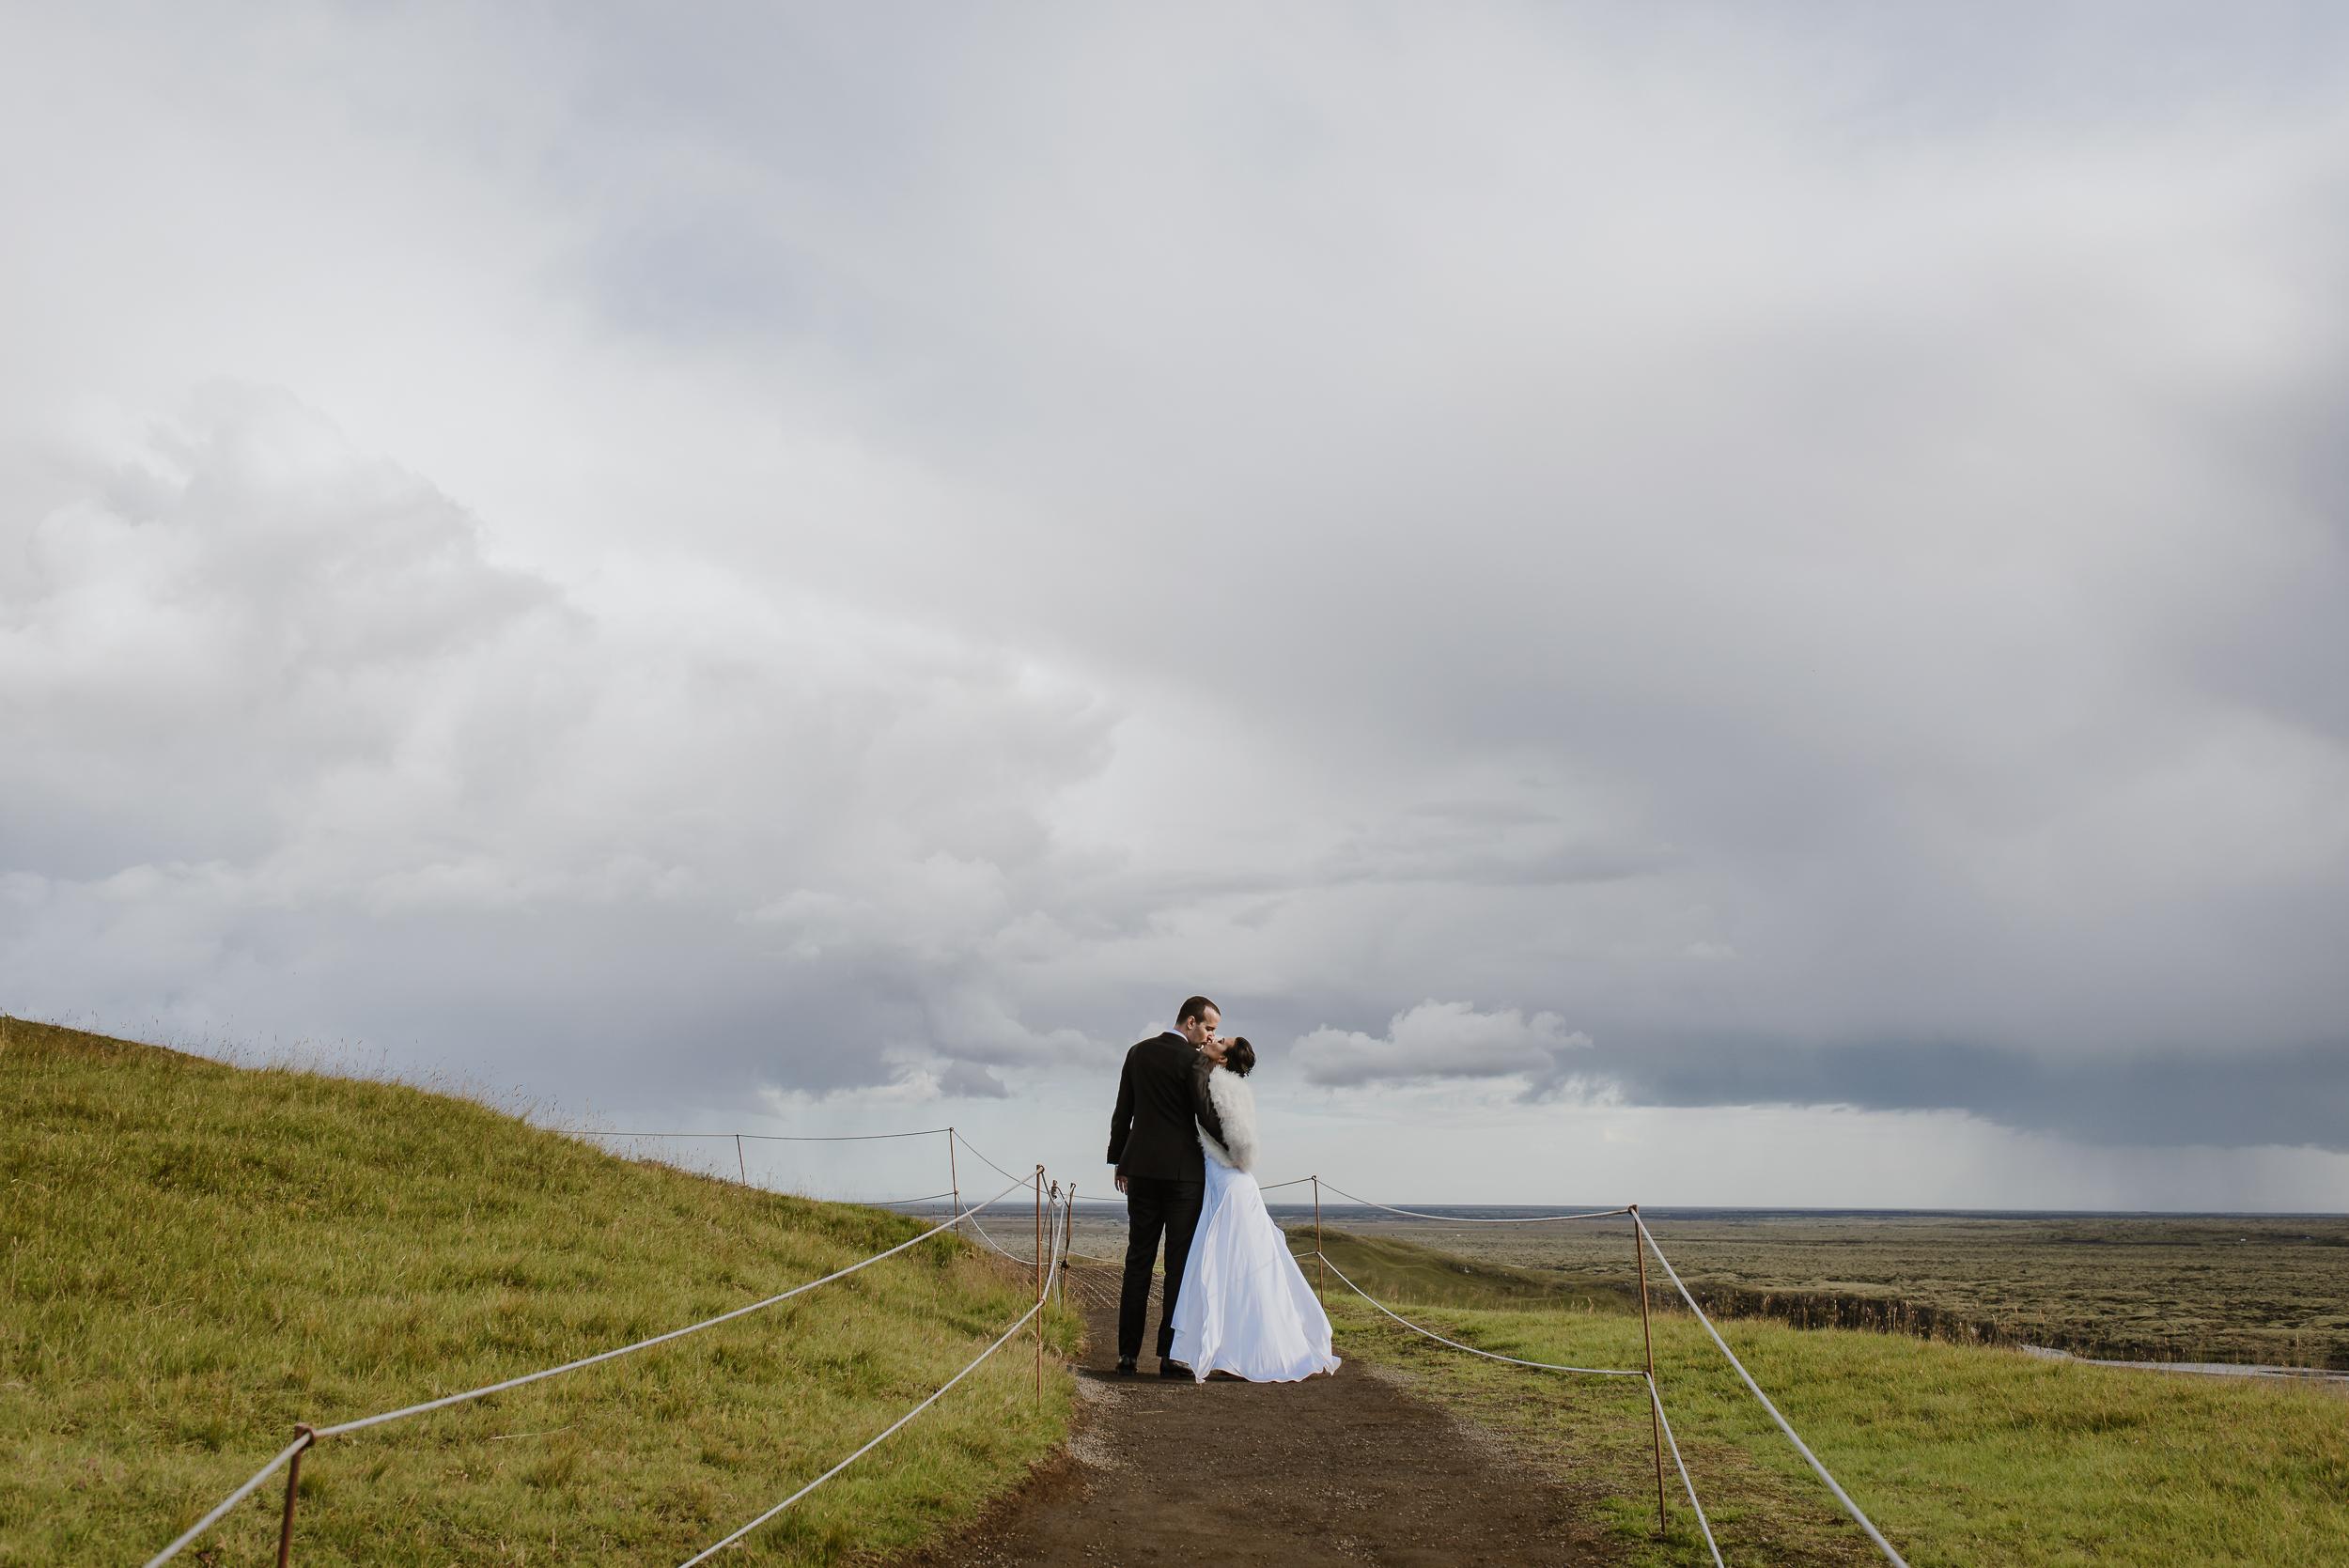 destination-wedding-iceland-engagement-session-vivianchen-134.jpg